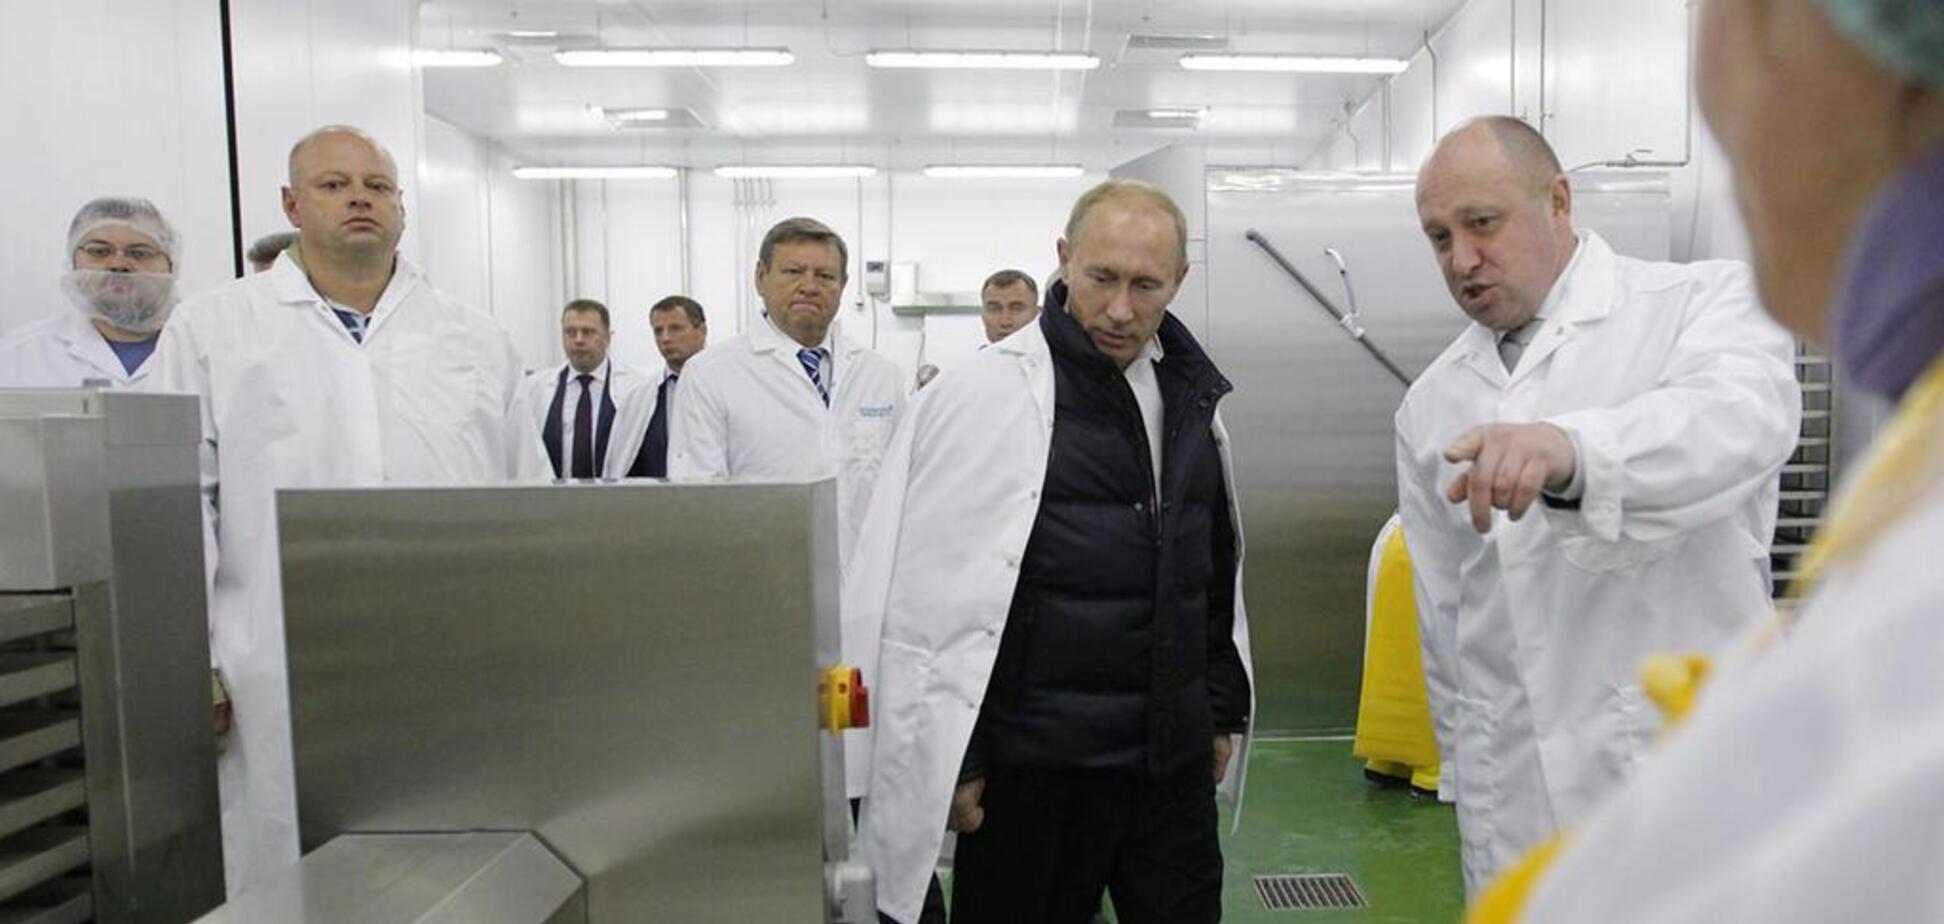 'Гибель' повара Путина: появилась первая официальная реакция России